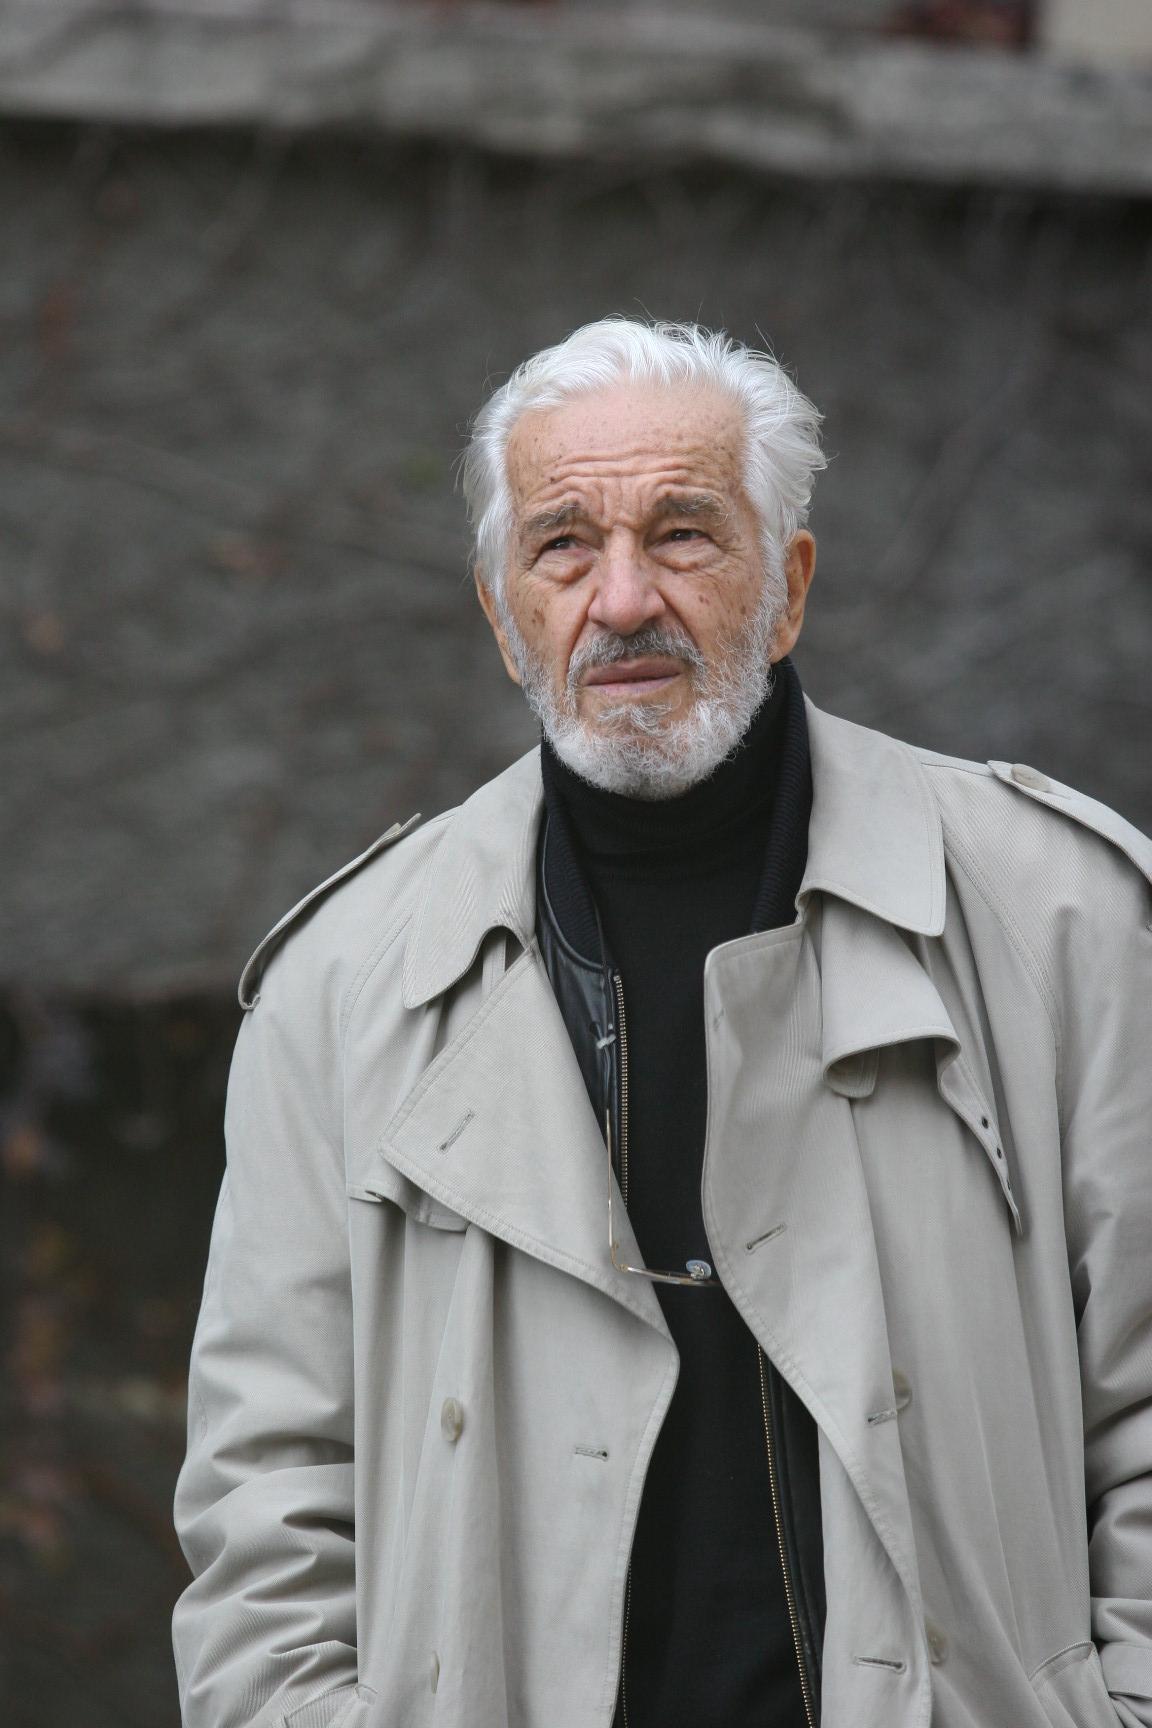 Inainte de a deceda, Sergiu Nicolaescu si-a dorit sa mai faca doua filme, unul despre Maria Tanase si altul despre Revolutia din '89